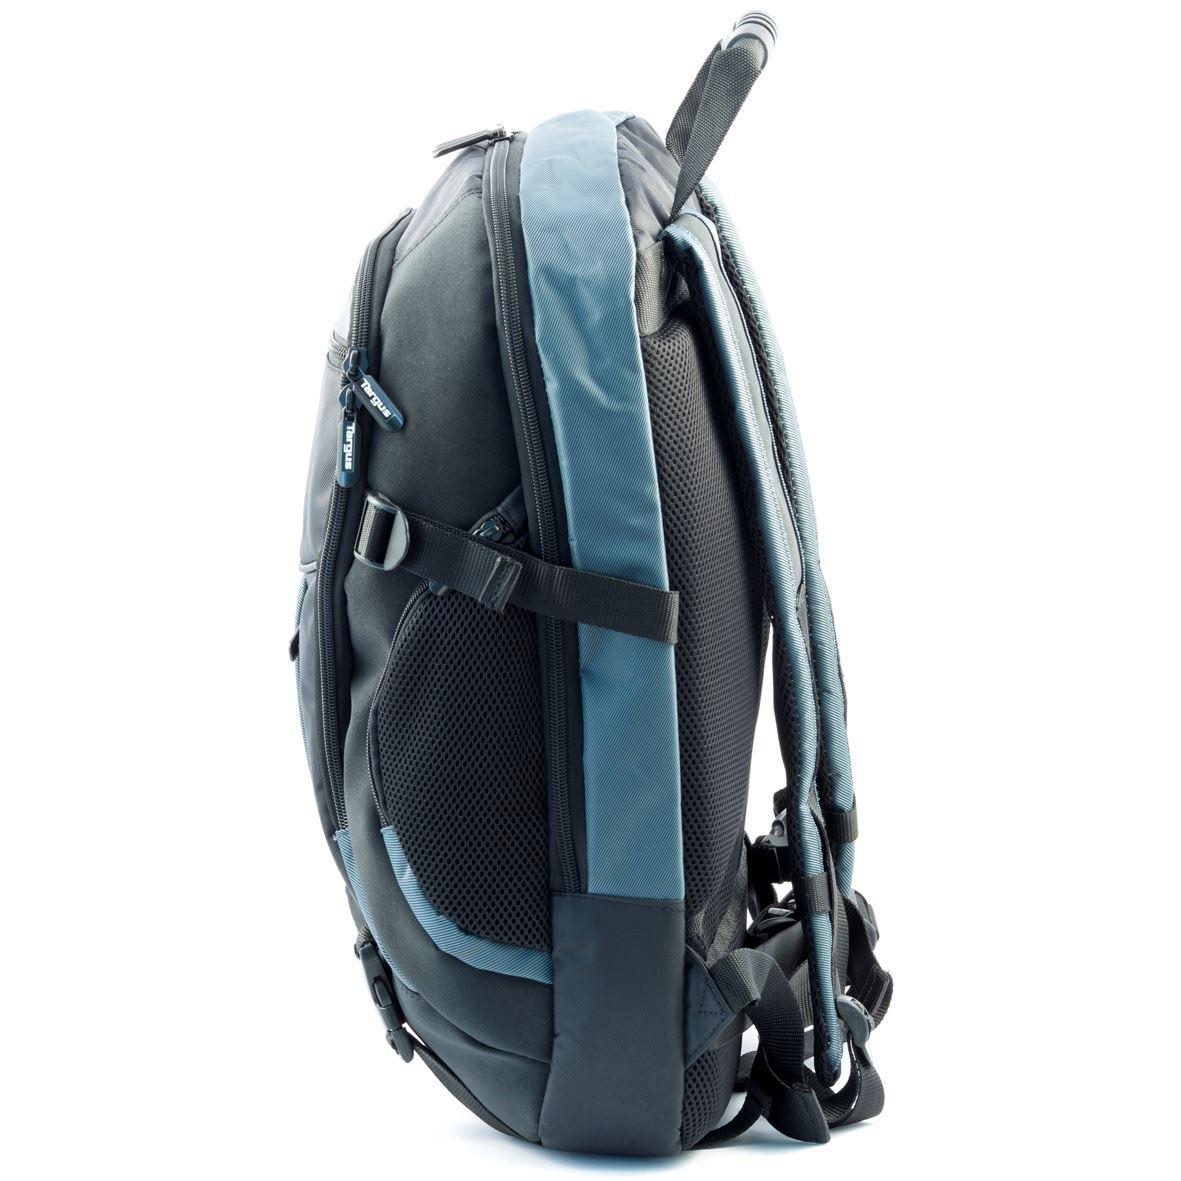 atmosphere 17 18 xl laptop backpack black blue. Black Bedroom Furniture Sets. Home Design Ideas